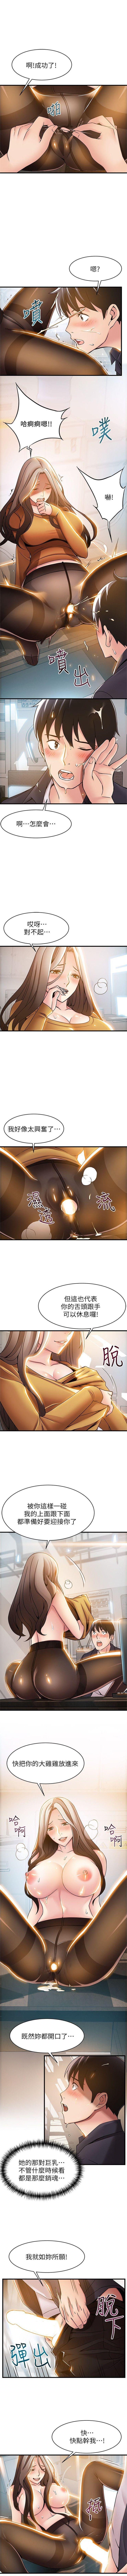 (周7)弱点 1-66 中文翻译(更新中) 89